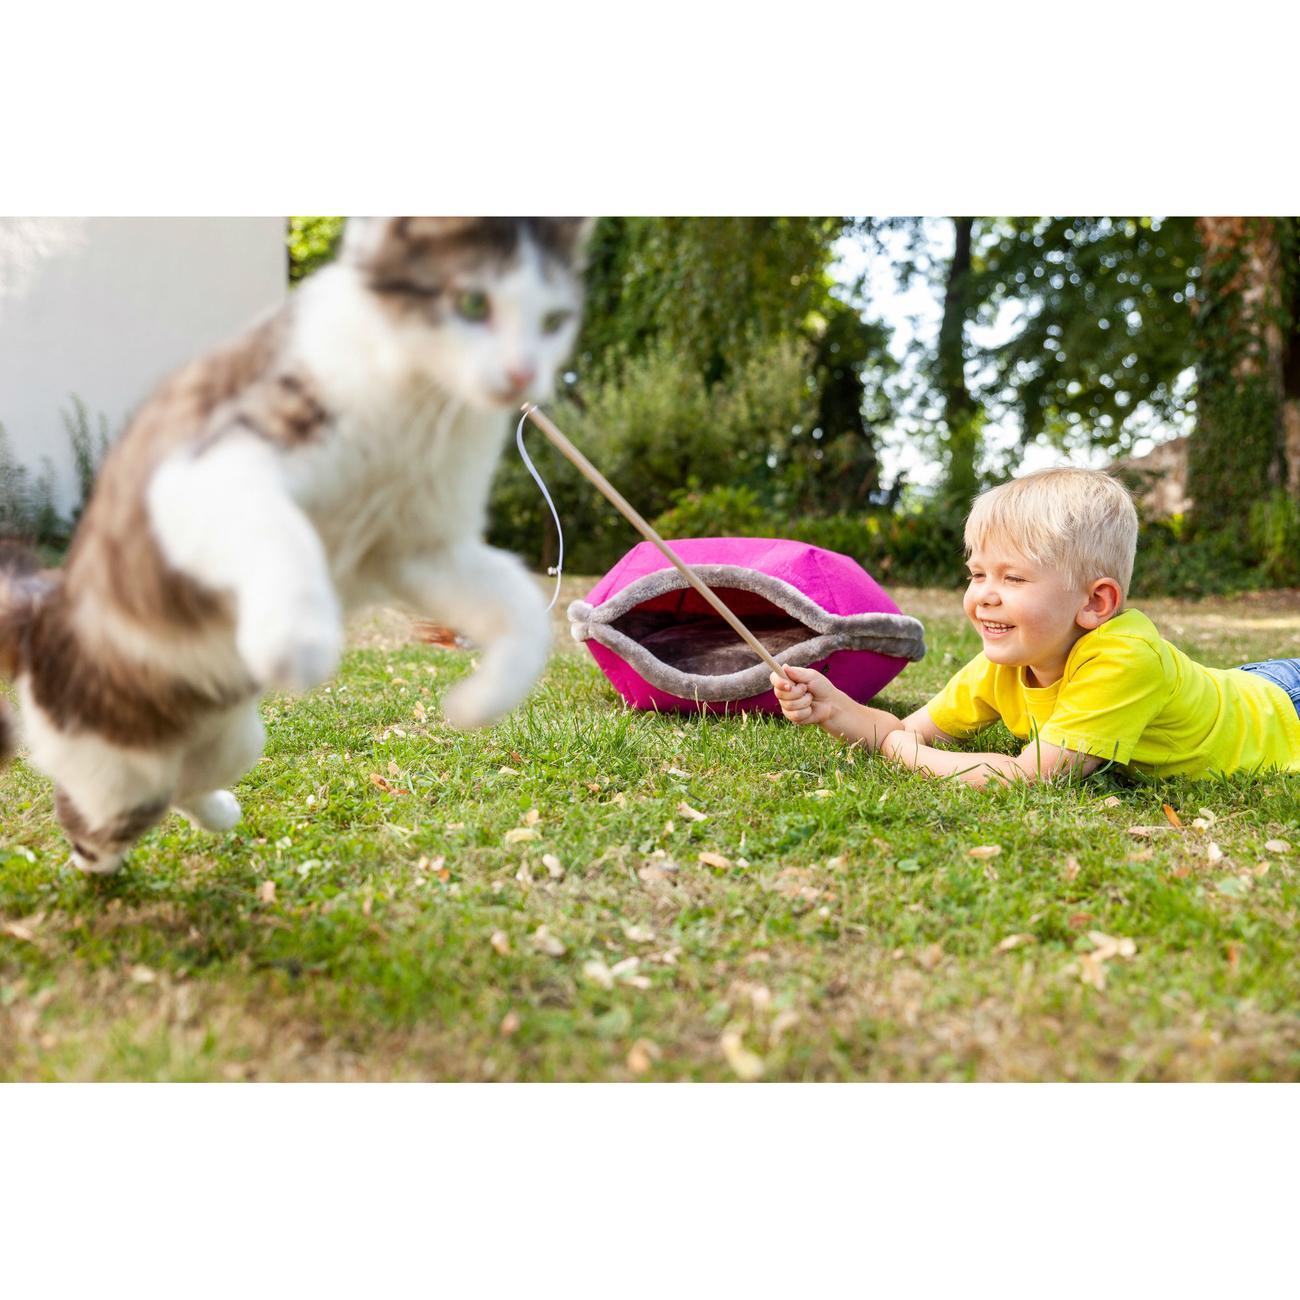 Hunter Katzen Spielangel by Laura 65908, Bild 11